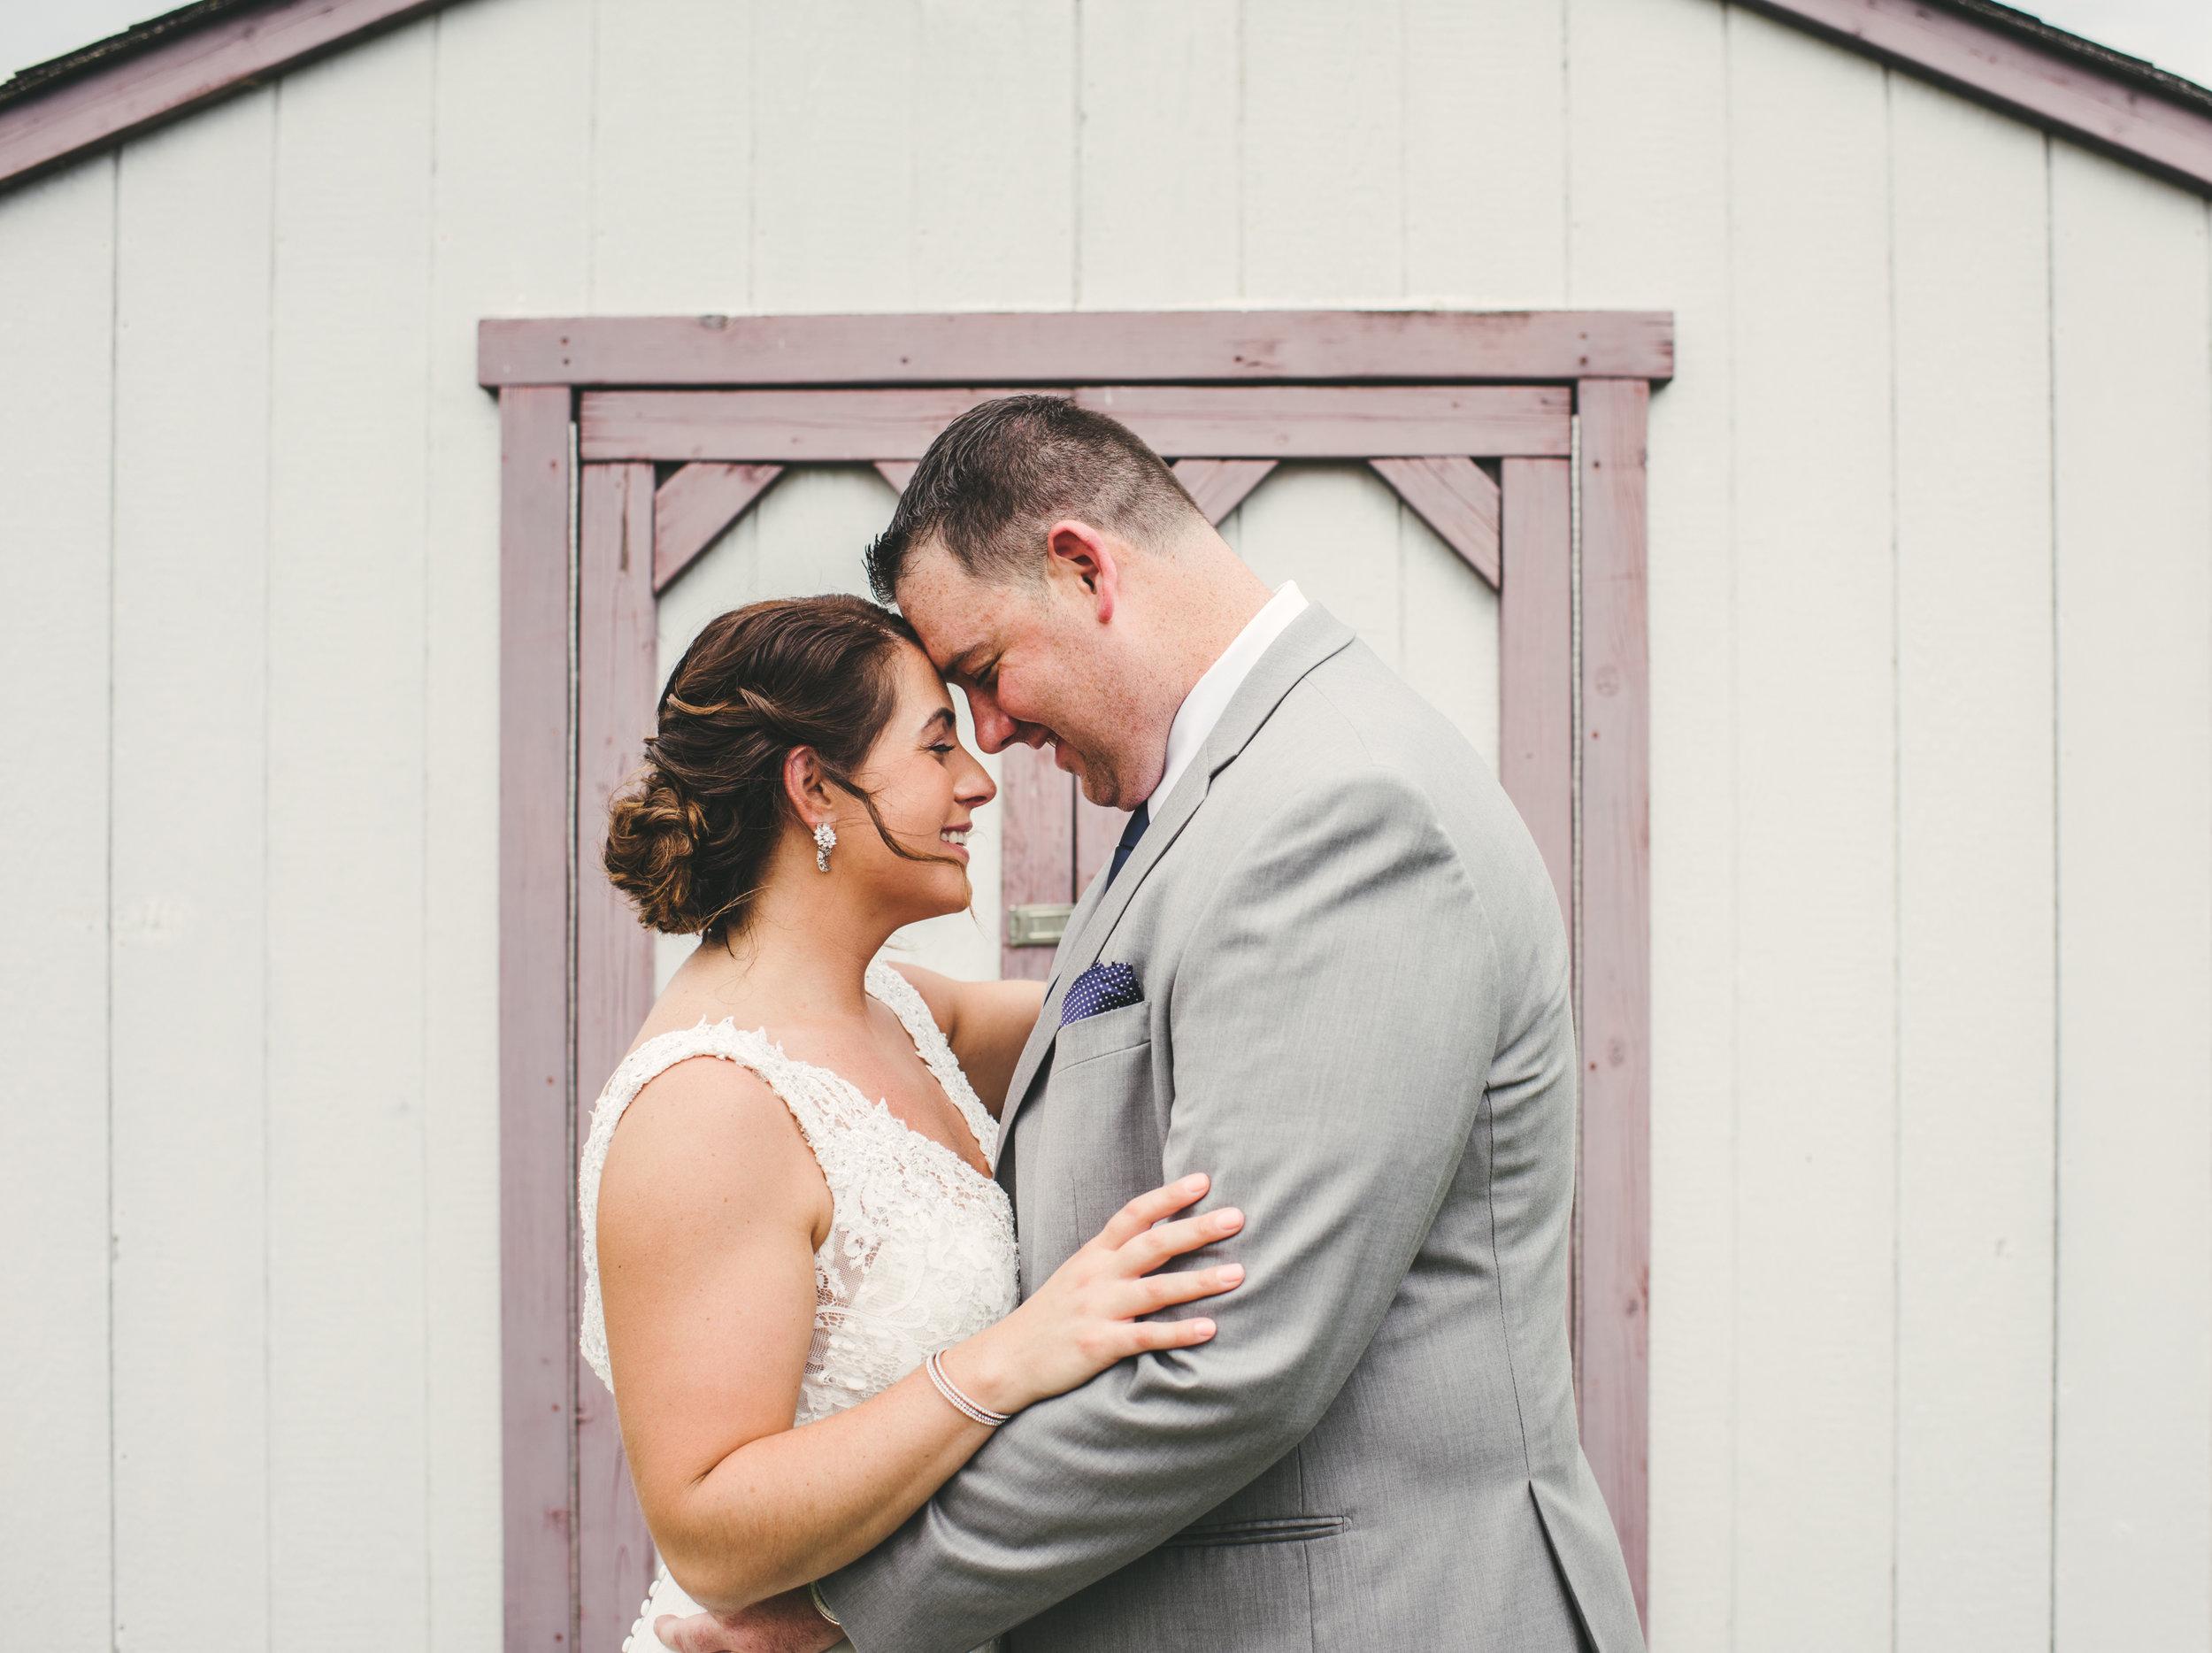 WEDDINGS - TWOTWENTY by CHI-CHI AGBIM-7.jpg